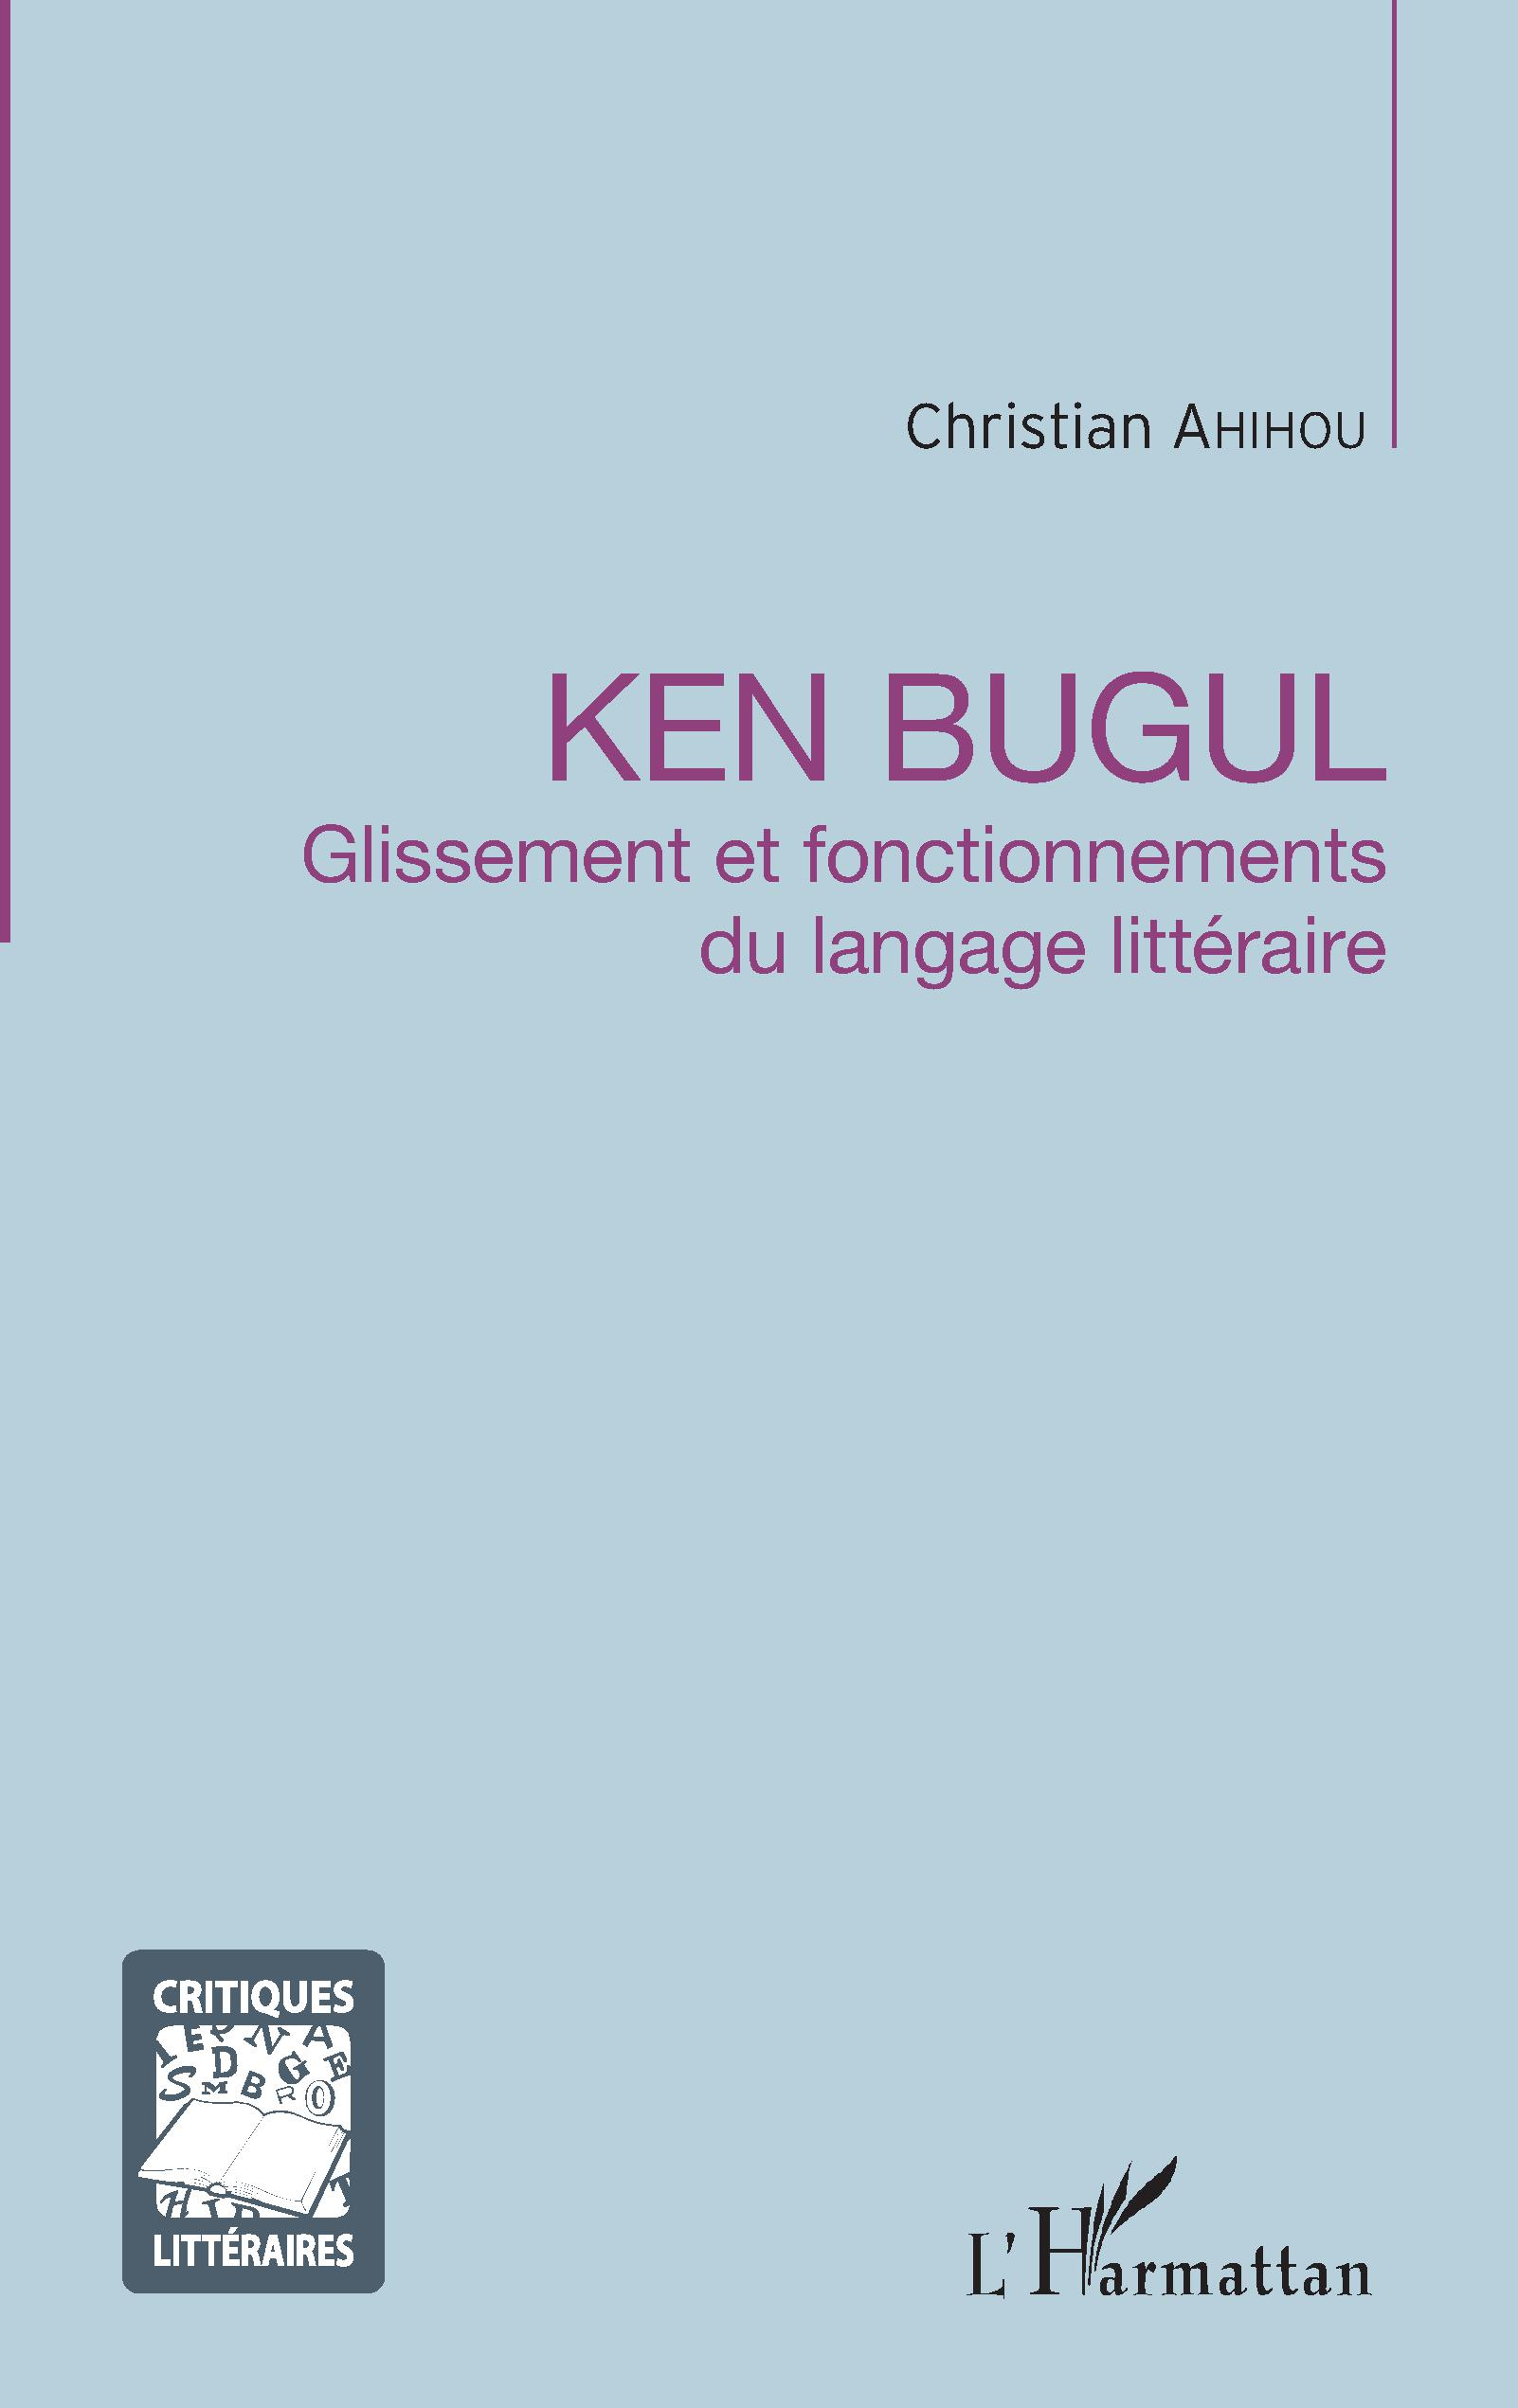 Ch. Ahihou, Ken Bugul - Glissement et fonctionnements du langage littéraire